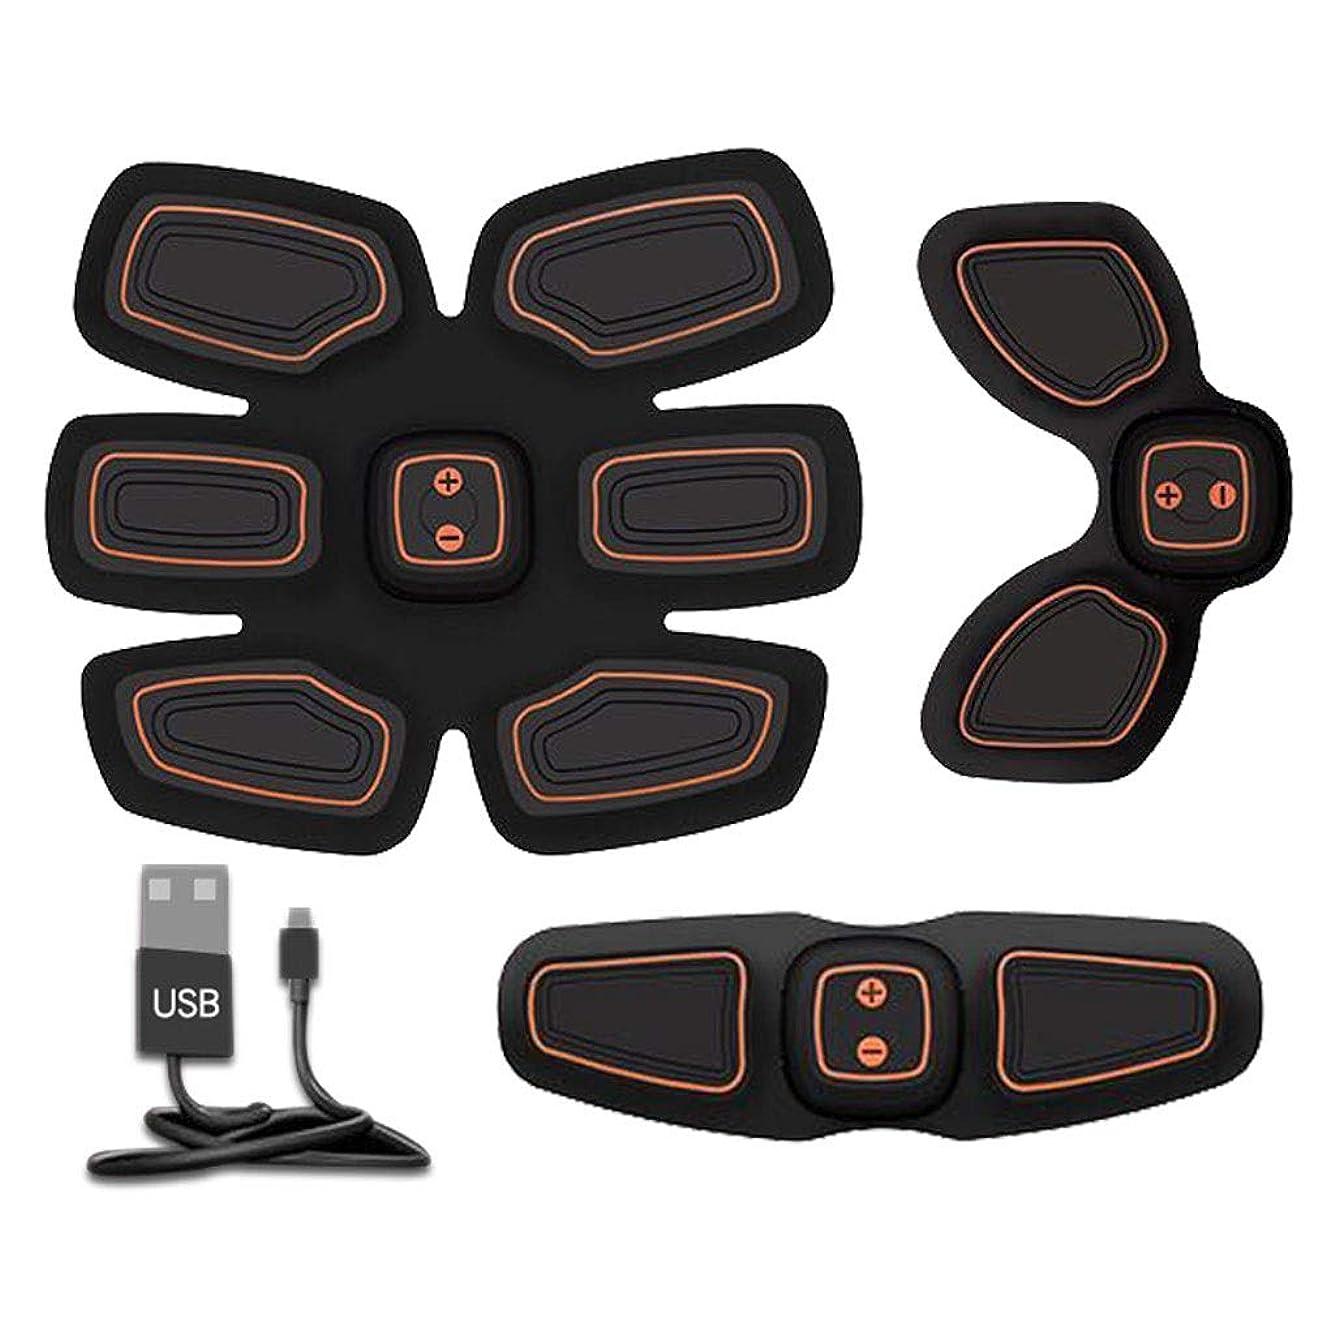 余裕がある命令的溶かす腹筋トレーナーフィットネストレーニングギア、リモコン付きEMS筋肉刺激装置 - USB充電式究極腹部刺激装置 - 男性&女性用筋肉トナー (Size : B)